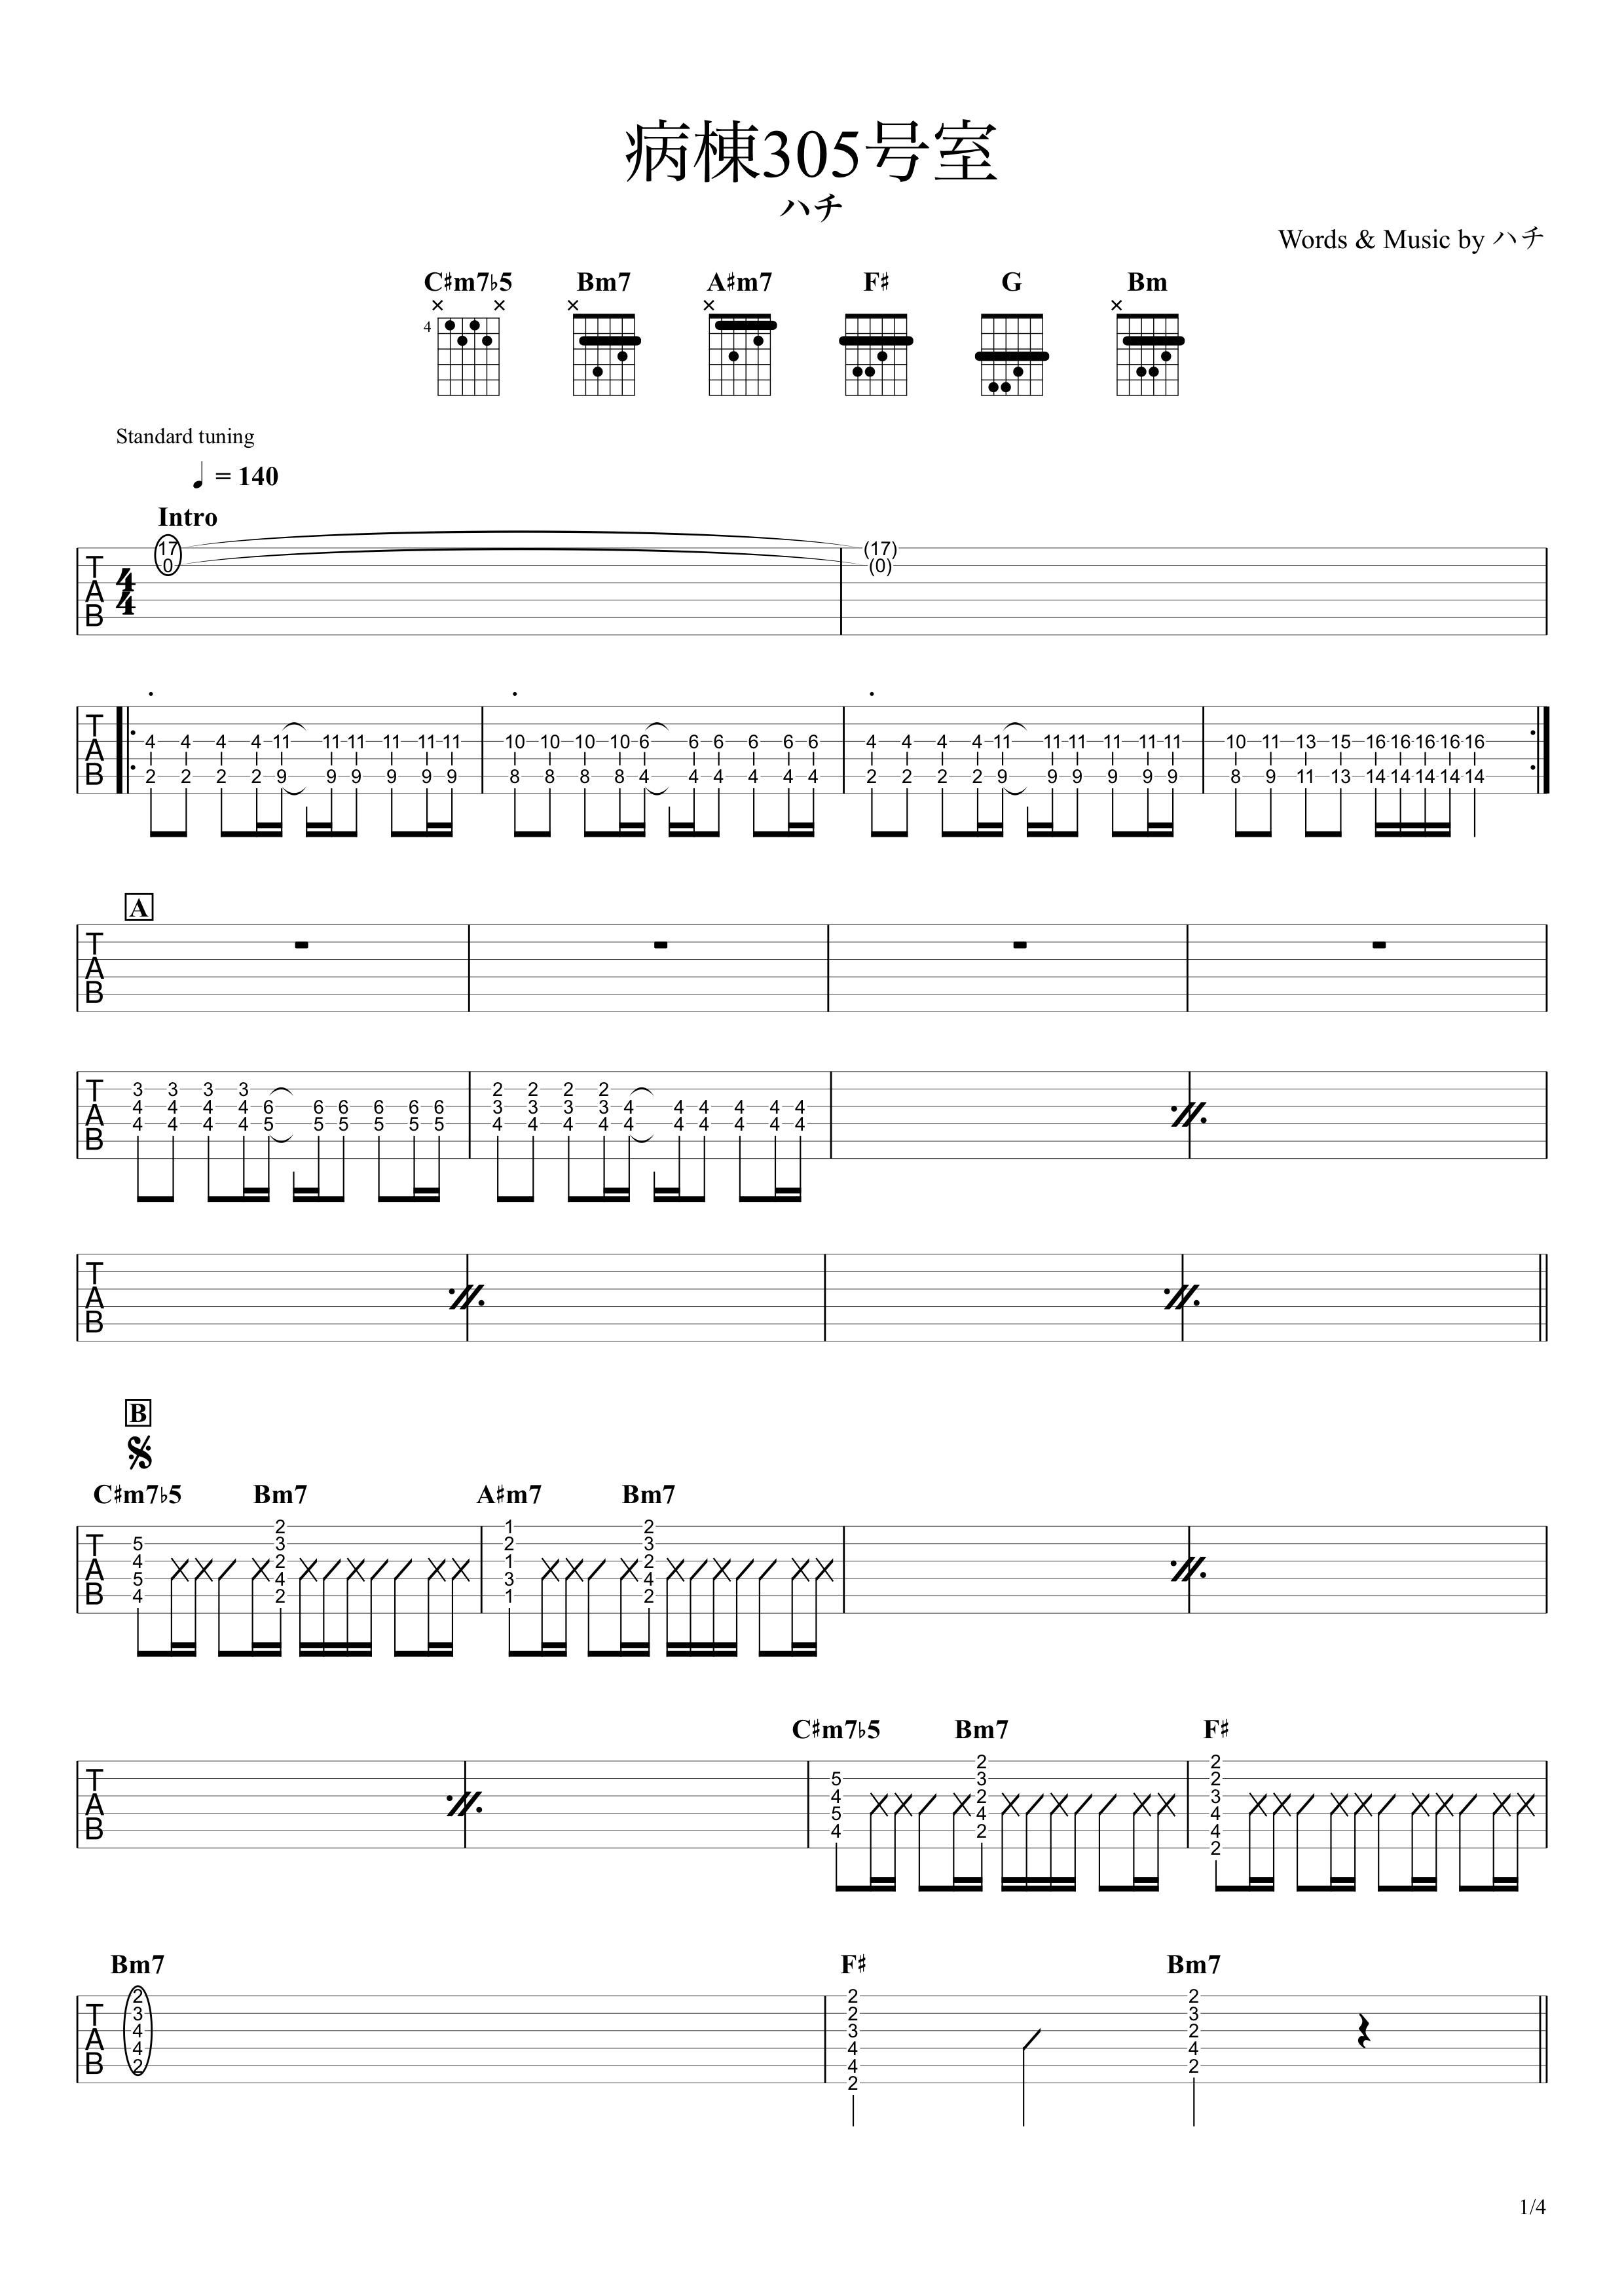 病棟305号室/ハチ ギタータブ譜 リードギターざっくりコピーできるVer.01